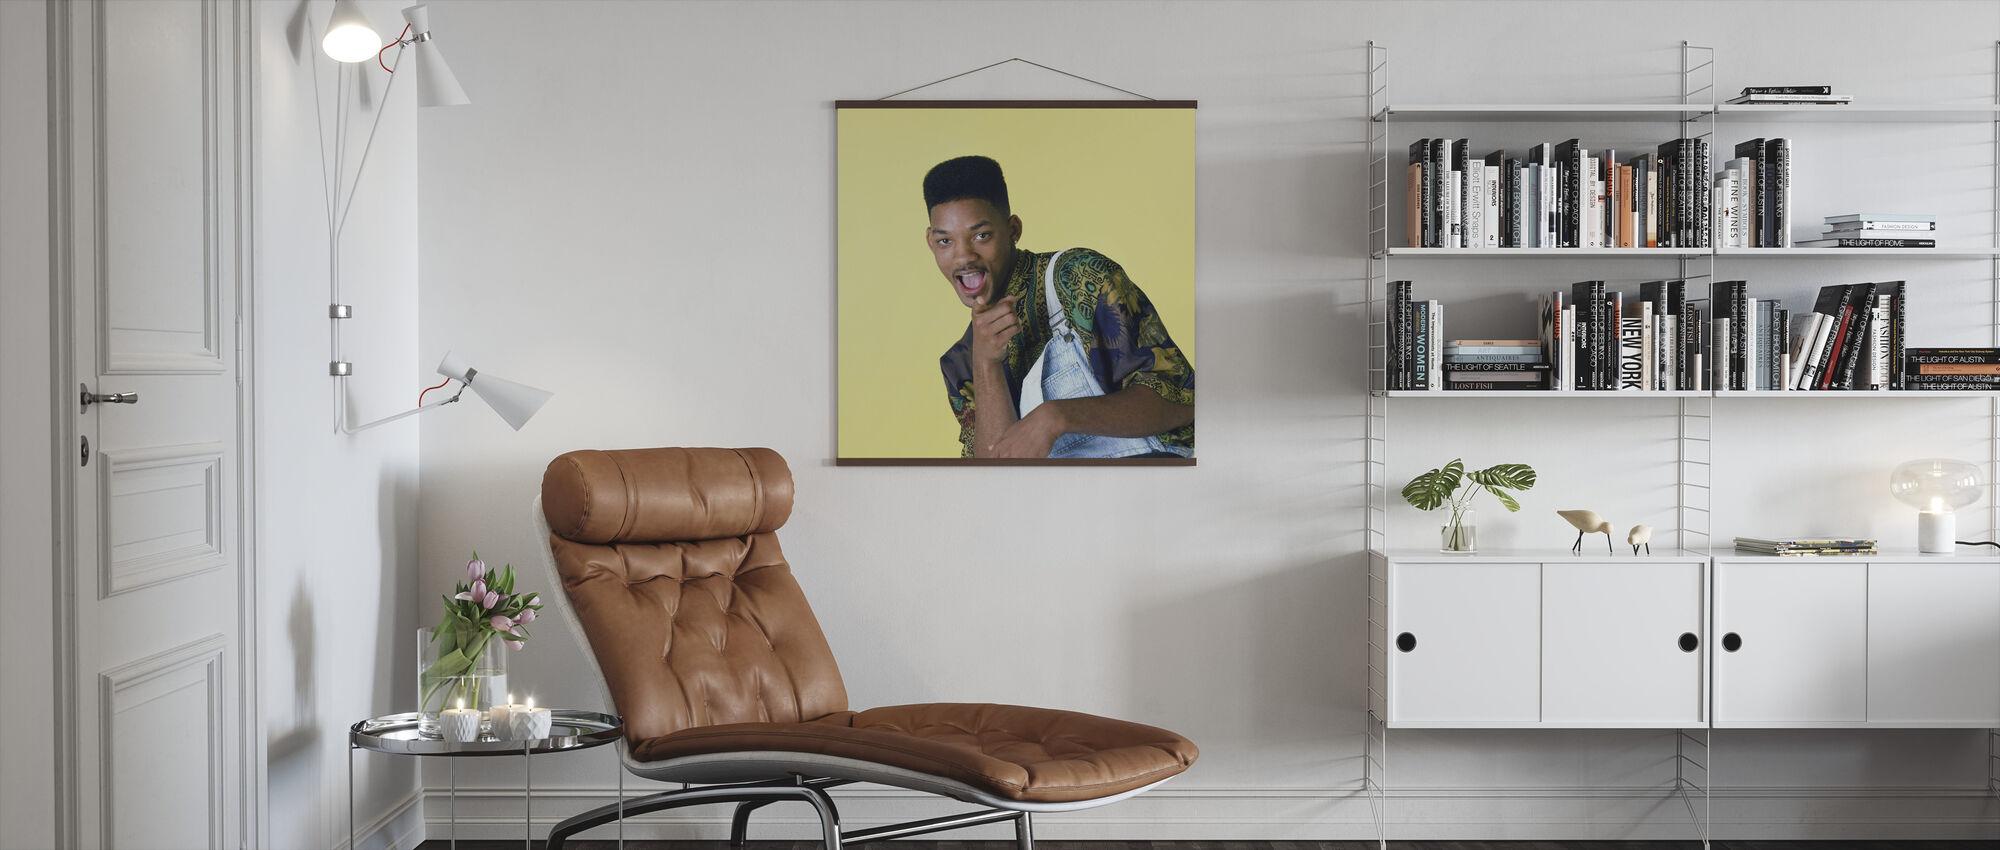 Will Smith in de verse prins van Belair - Poster - Woonkamer